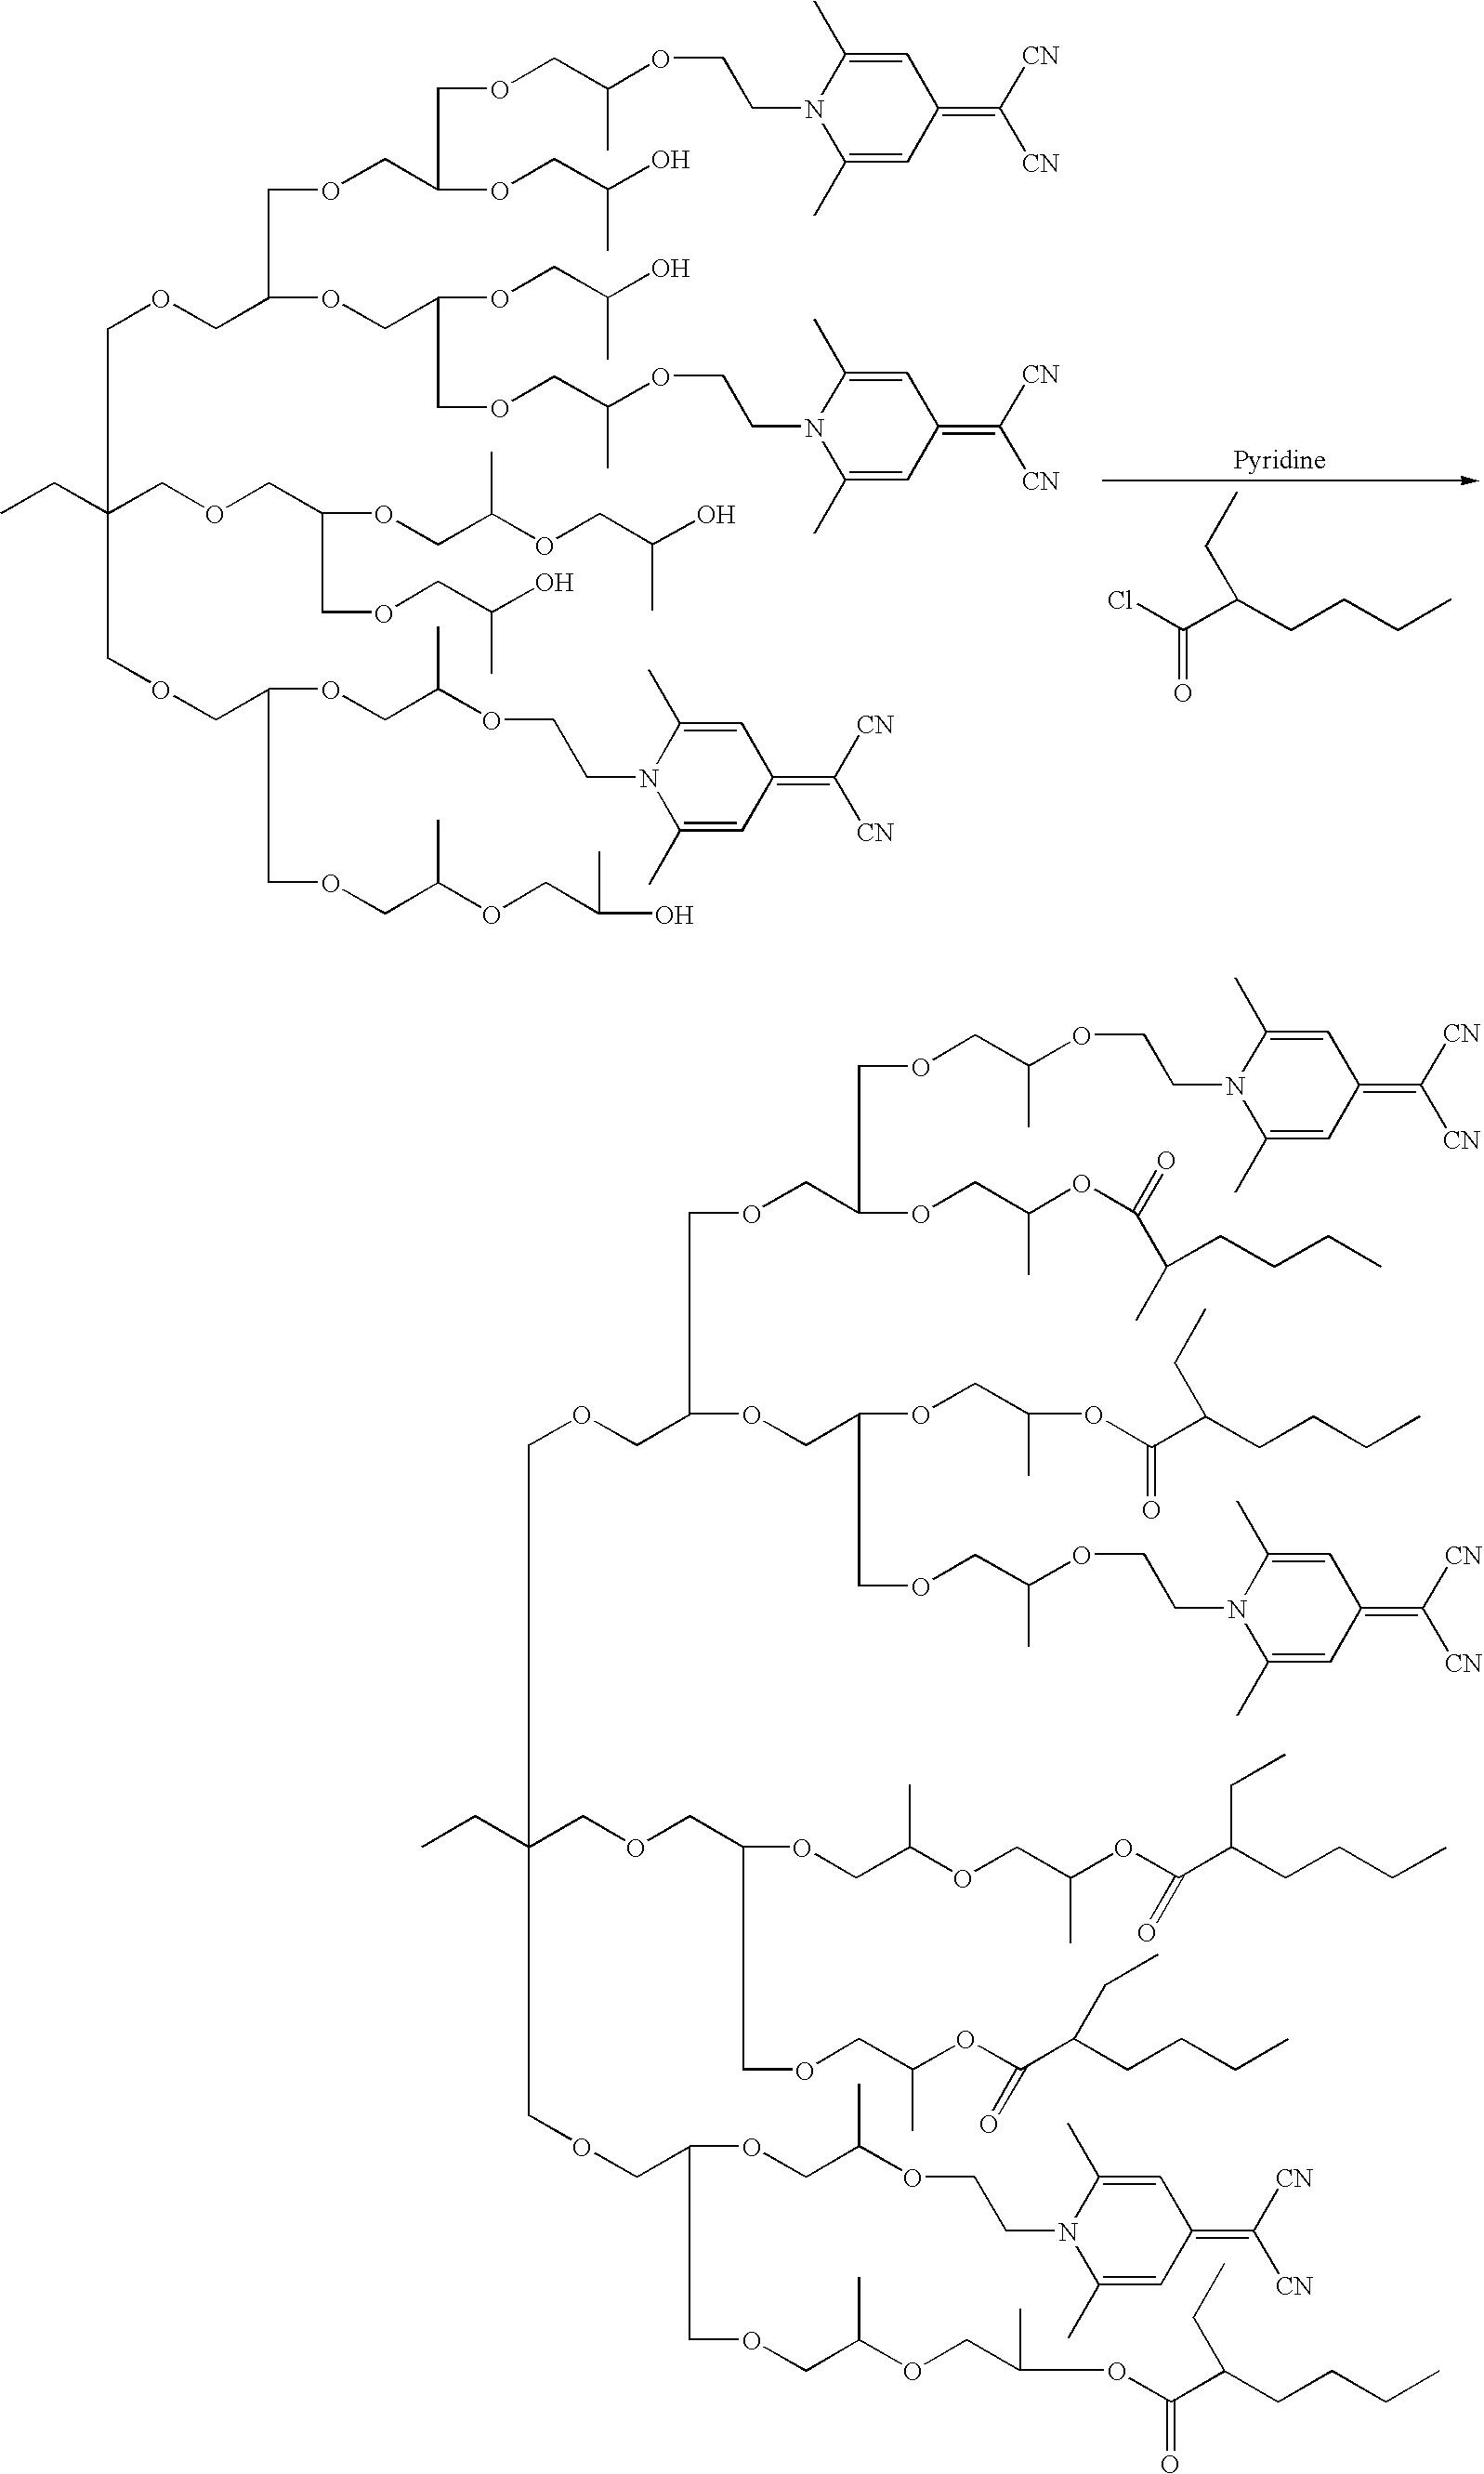 Figure US07988953-20110802-C00025